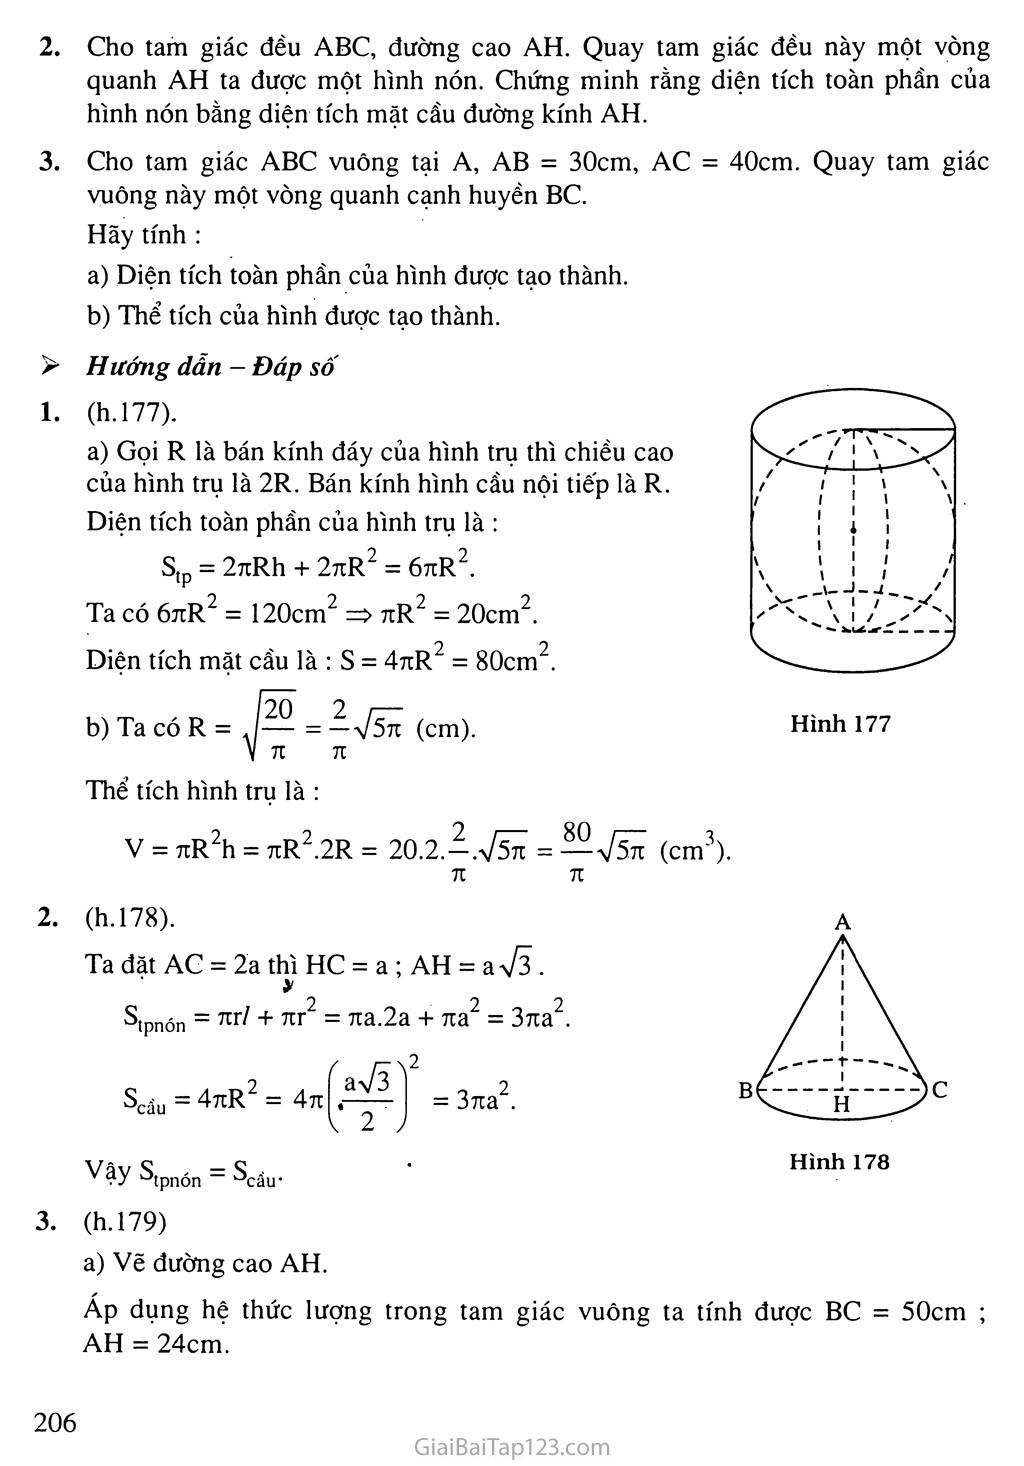 Ôn tâp chươmg IV trang 5